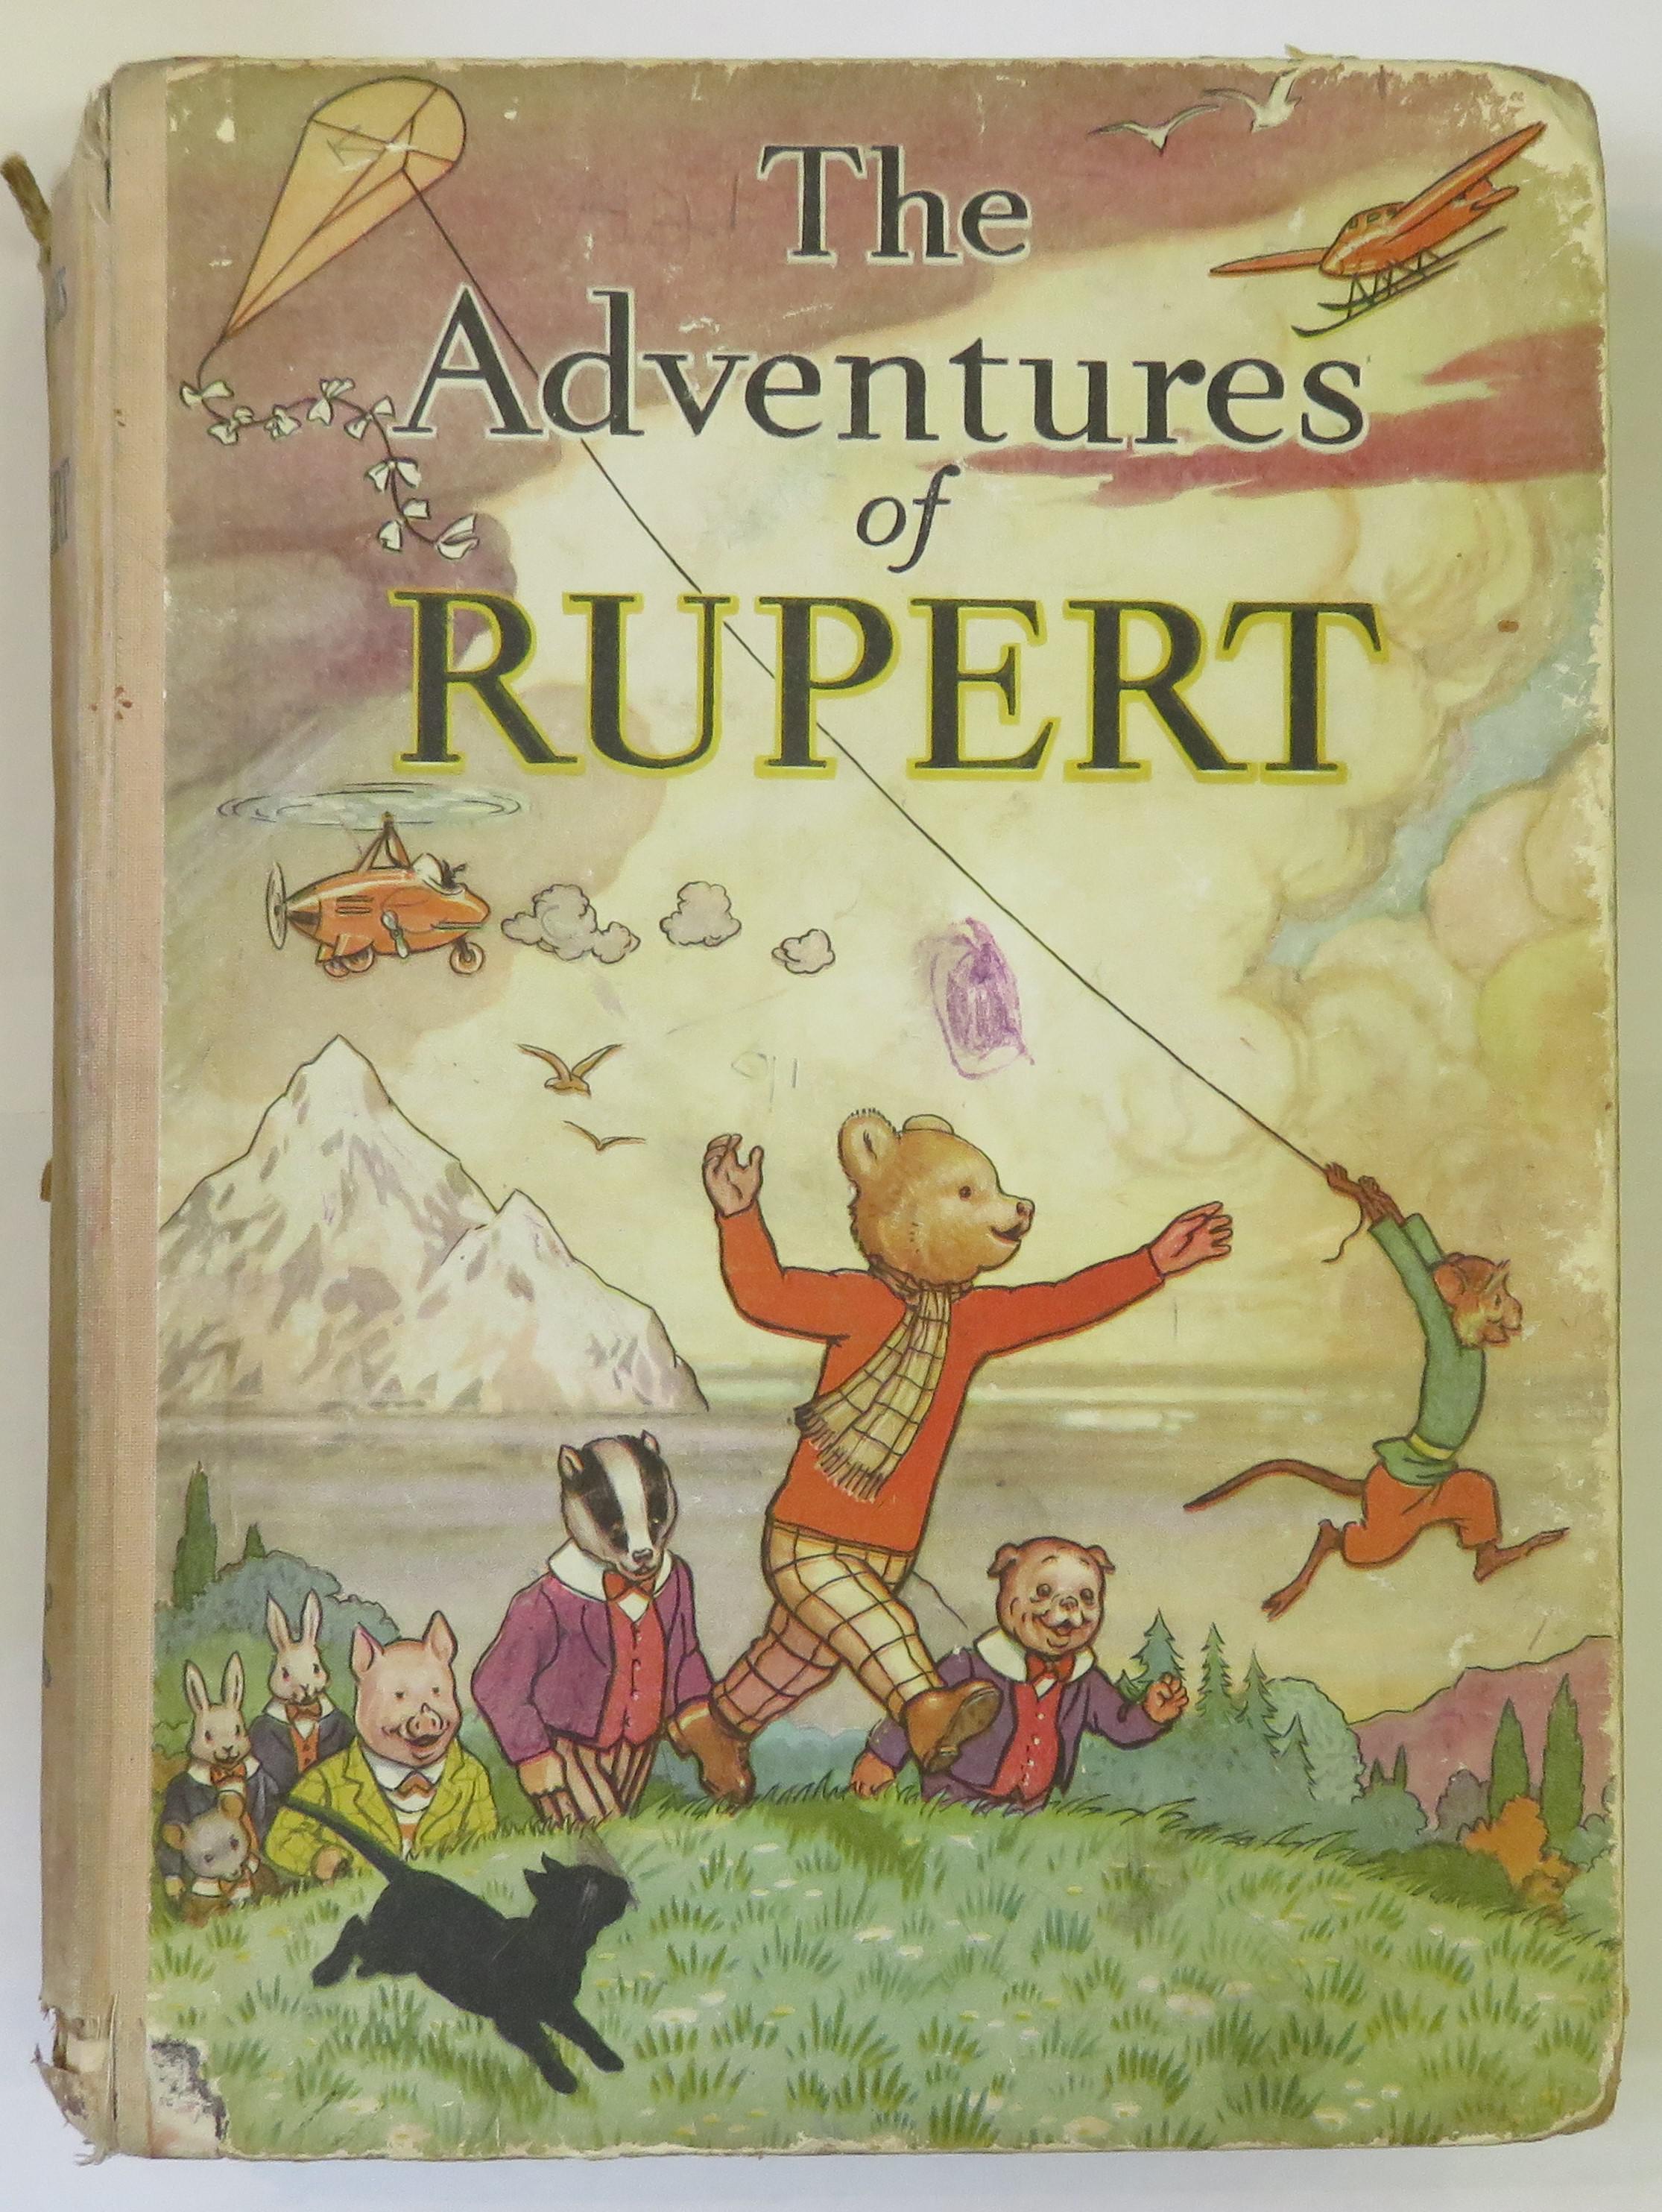 The Adventures of Rupert